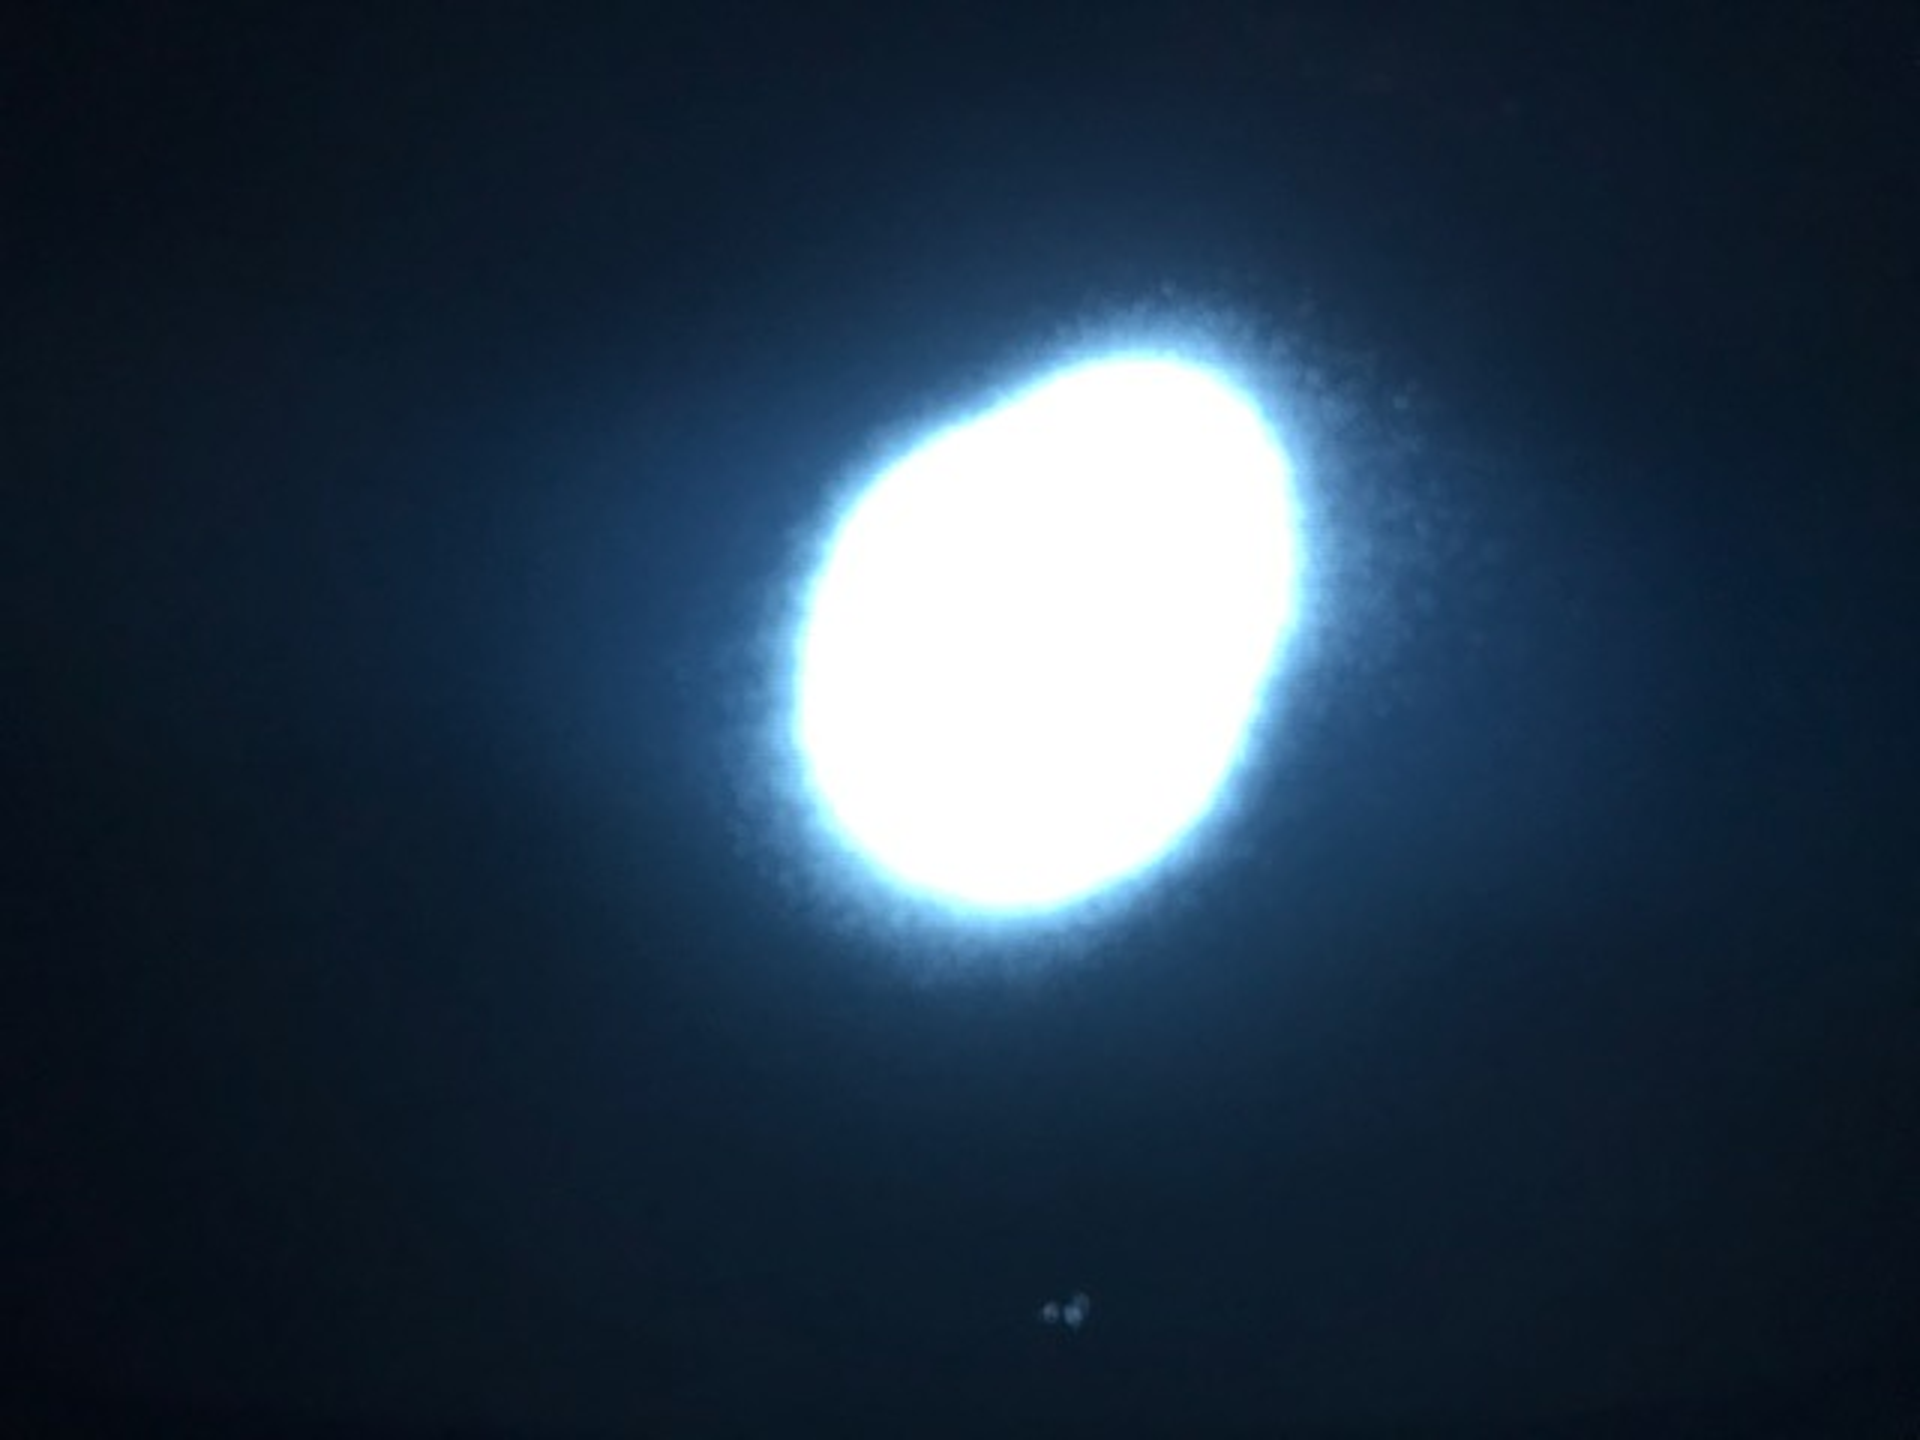 Photo du nuage d'atomes proche du zéro absolu dans son piège de lumière. Malo Cadoret, Author provided